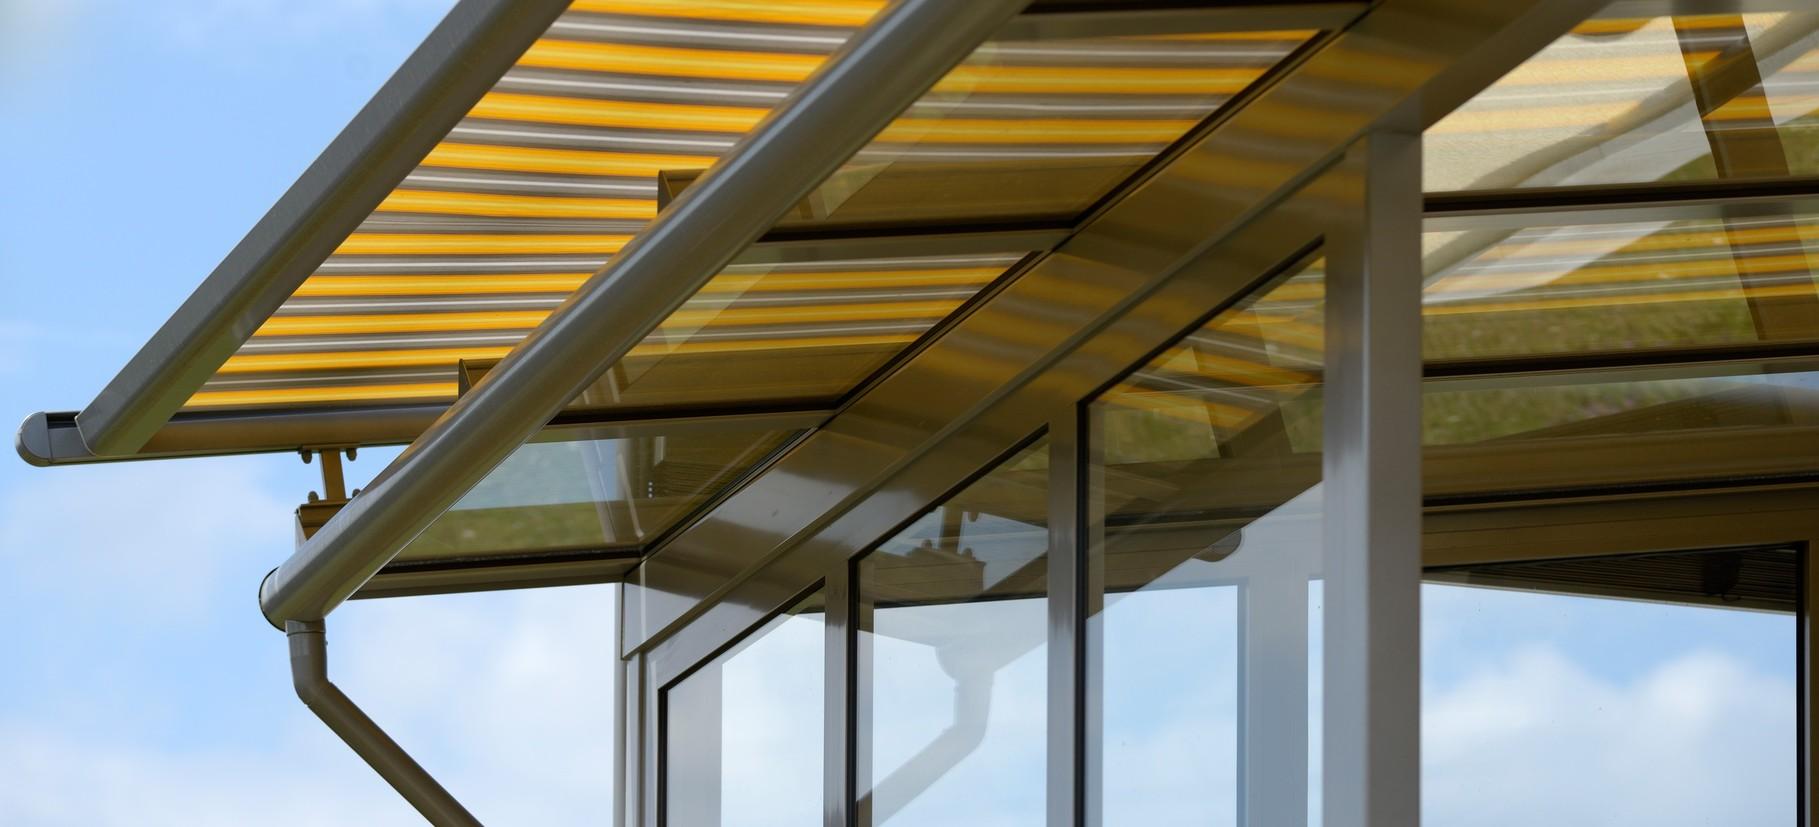 terrassend cher von ts aluminium ikf gmbh fenster t ren rolll den winterg rten raffstore. Black Bedroom Furniture Sets. Home Design Ideas